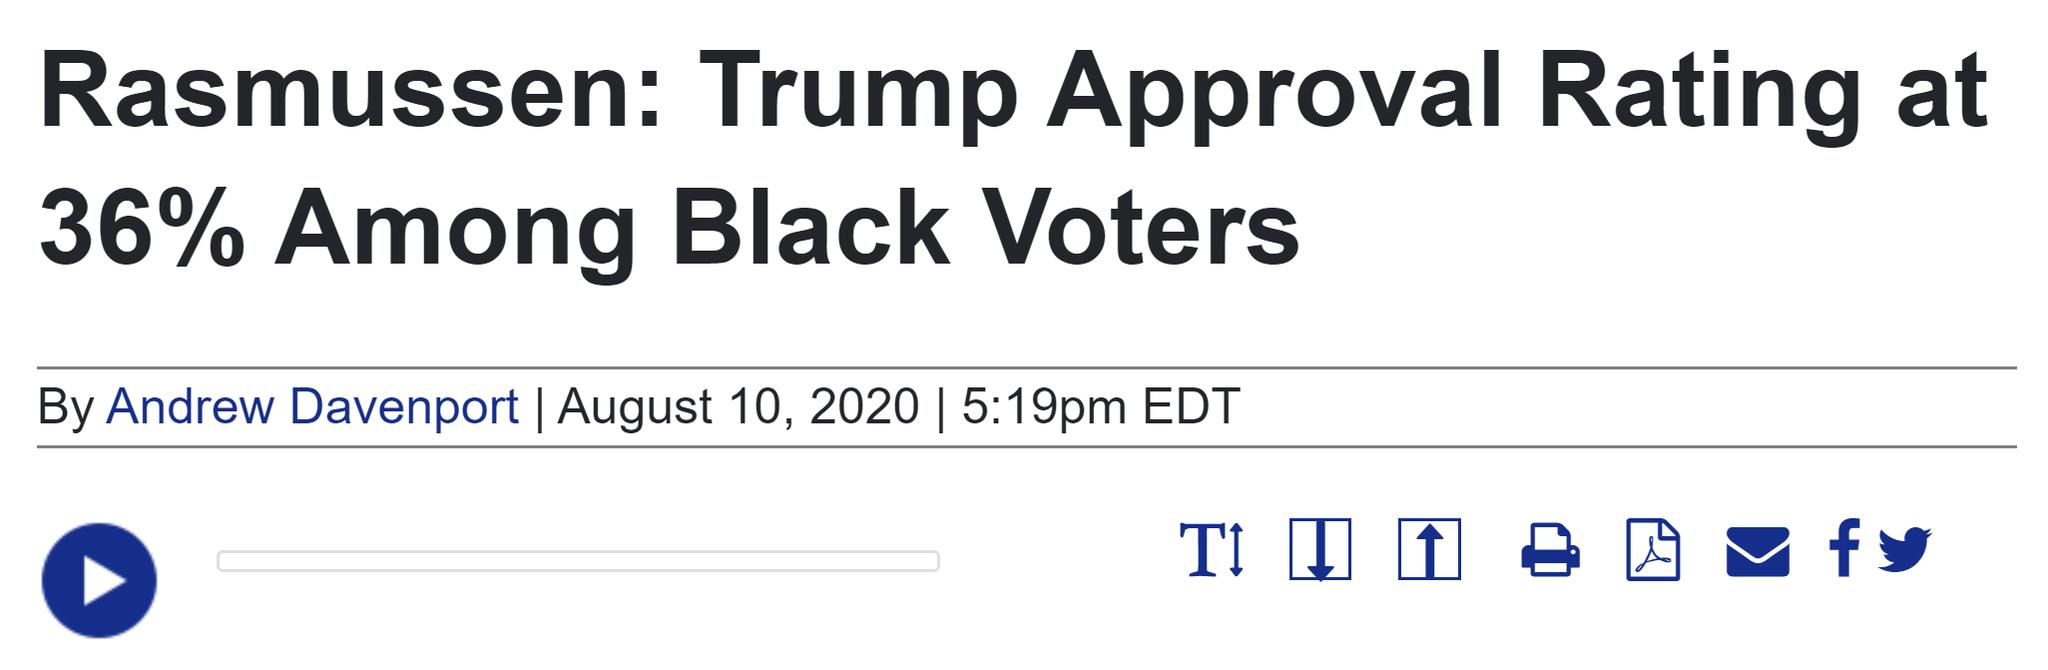 观察者网:民调又一次低估了特朗普和共和党